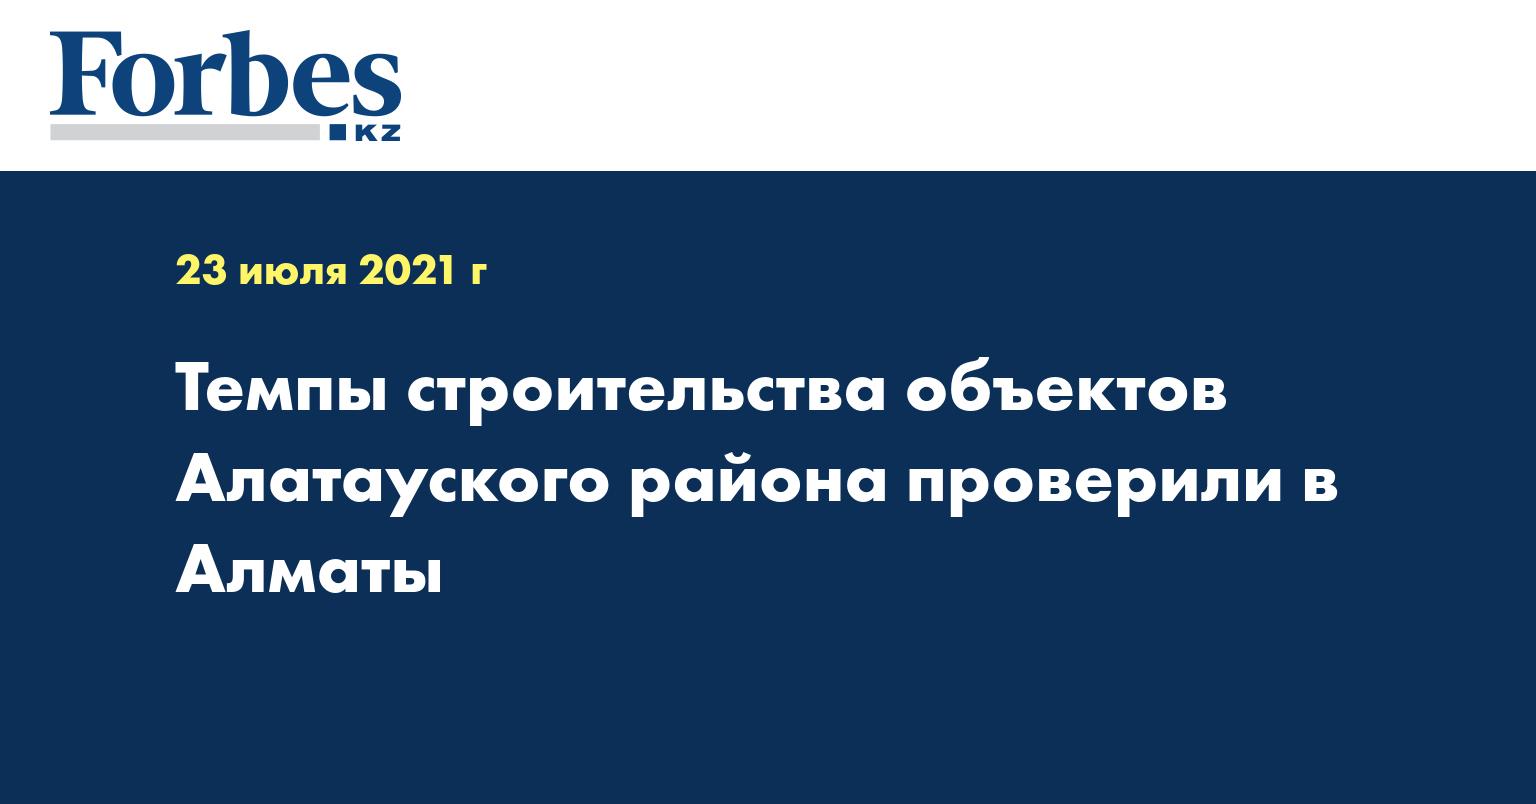 Темпы строительства объектов Алатауского района проверили в Алматы